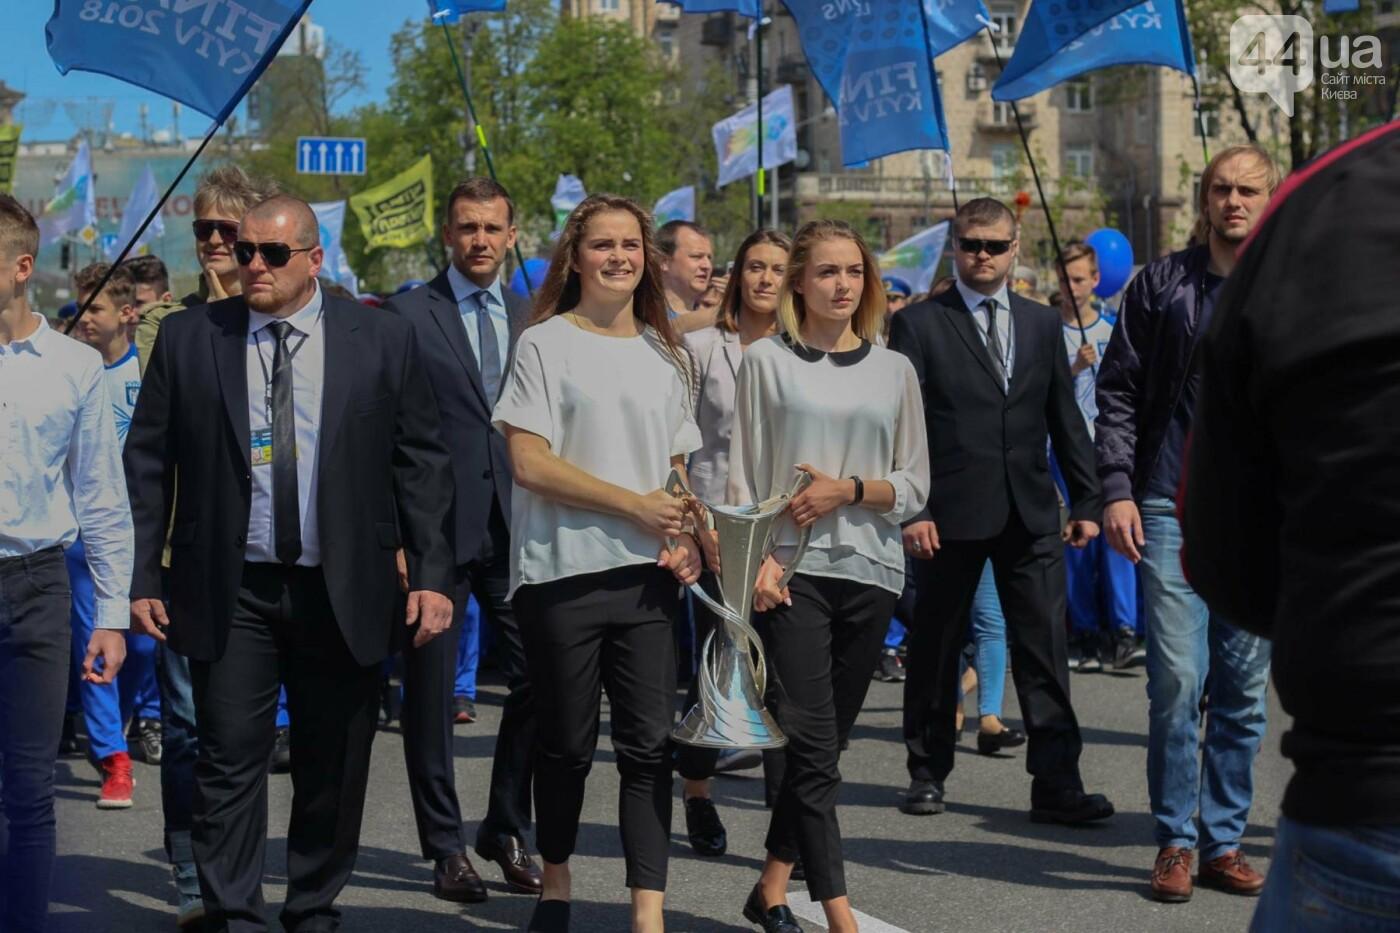 Кубок Лиги чемпионов УЕФА прибыл в Киев, фото-3